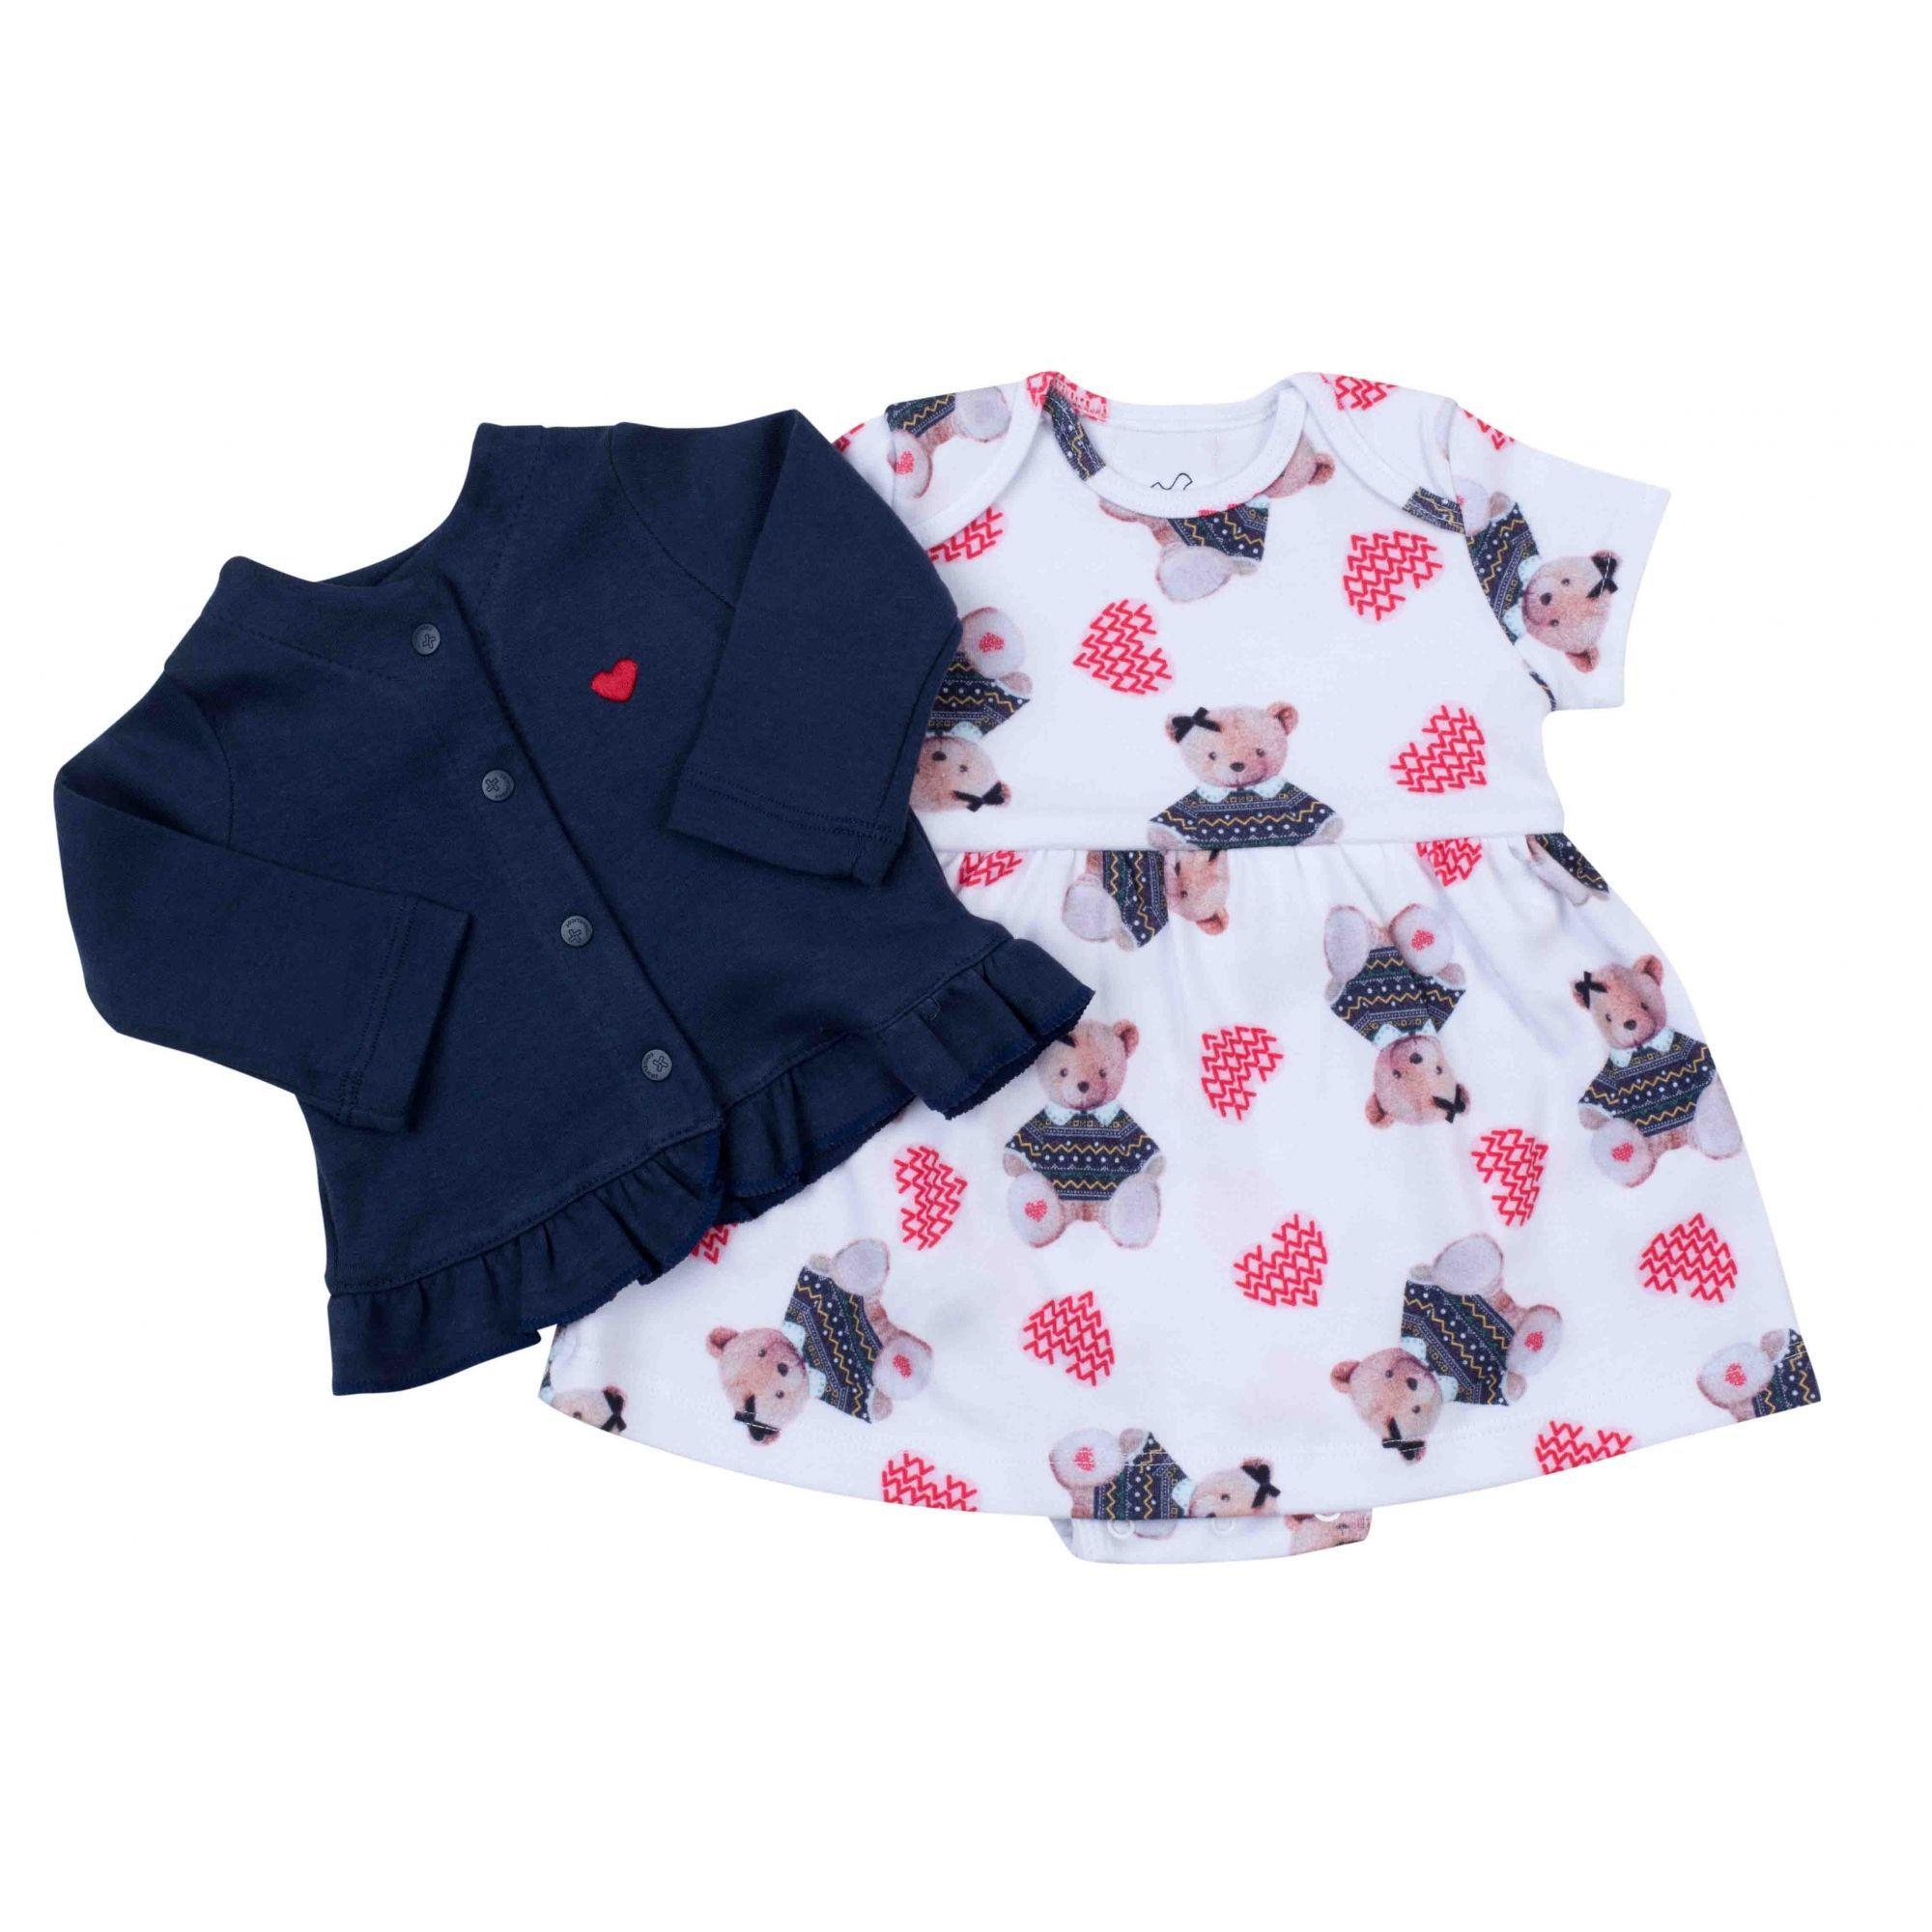 Vestido Body Infantil Coquelicot  com casaco babado Ursinha /marinho 2 pçs